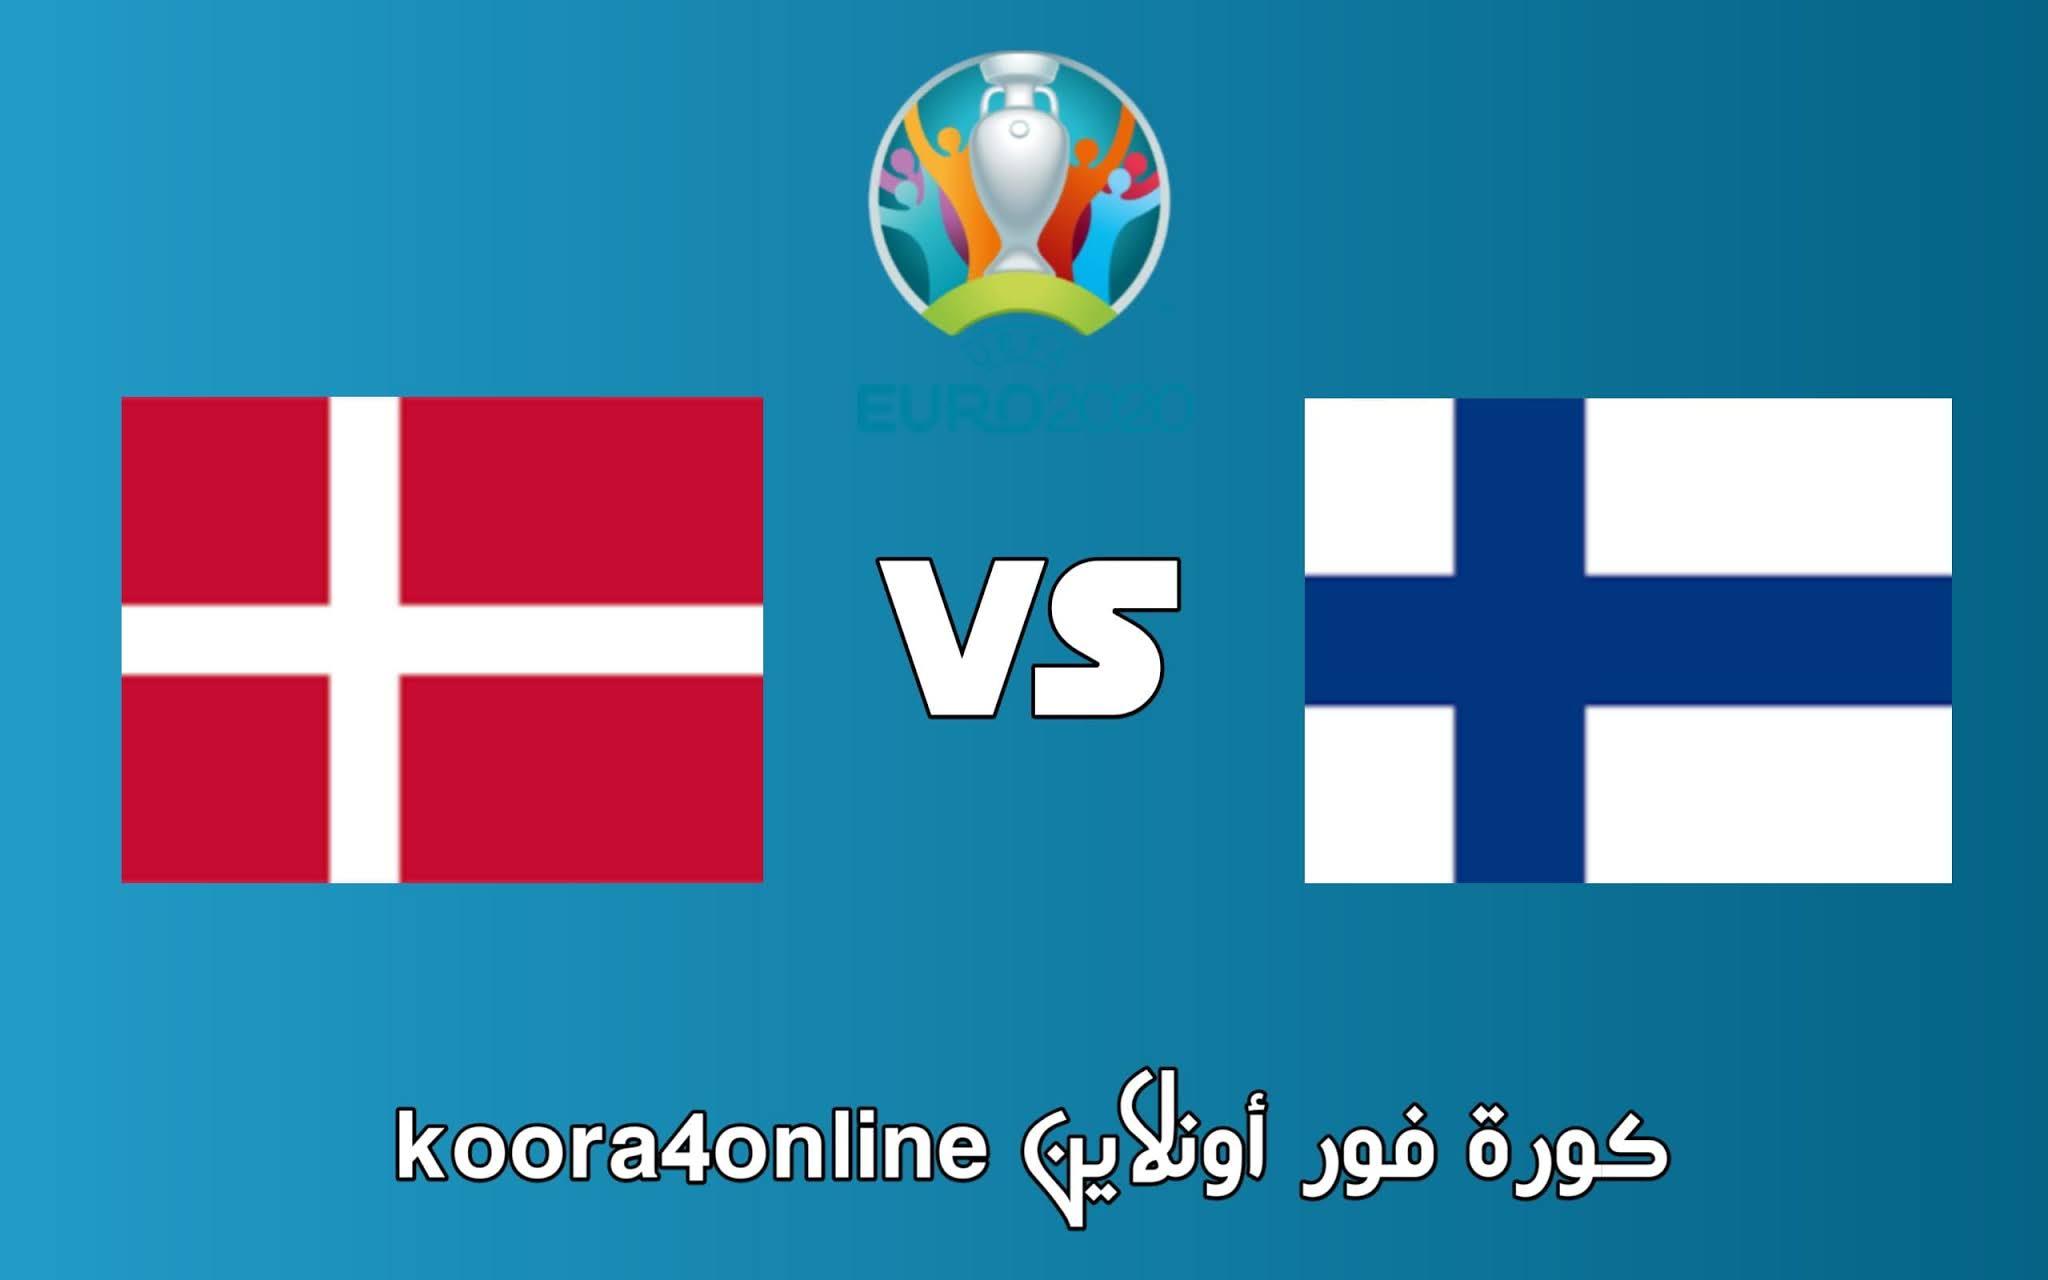 مشاهدة مباراة الدنمارك و فنلندا  اليوم 12-06-2021 في كأس أمم أوروبا